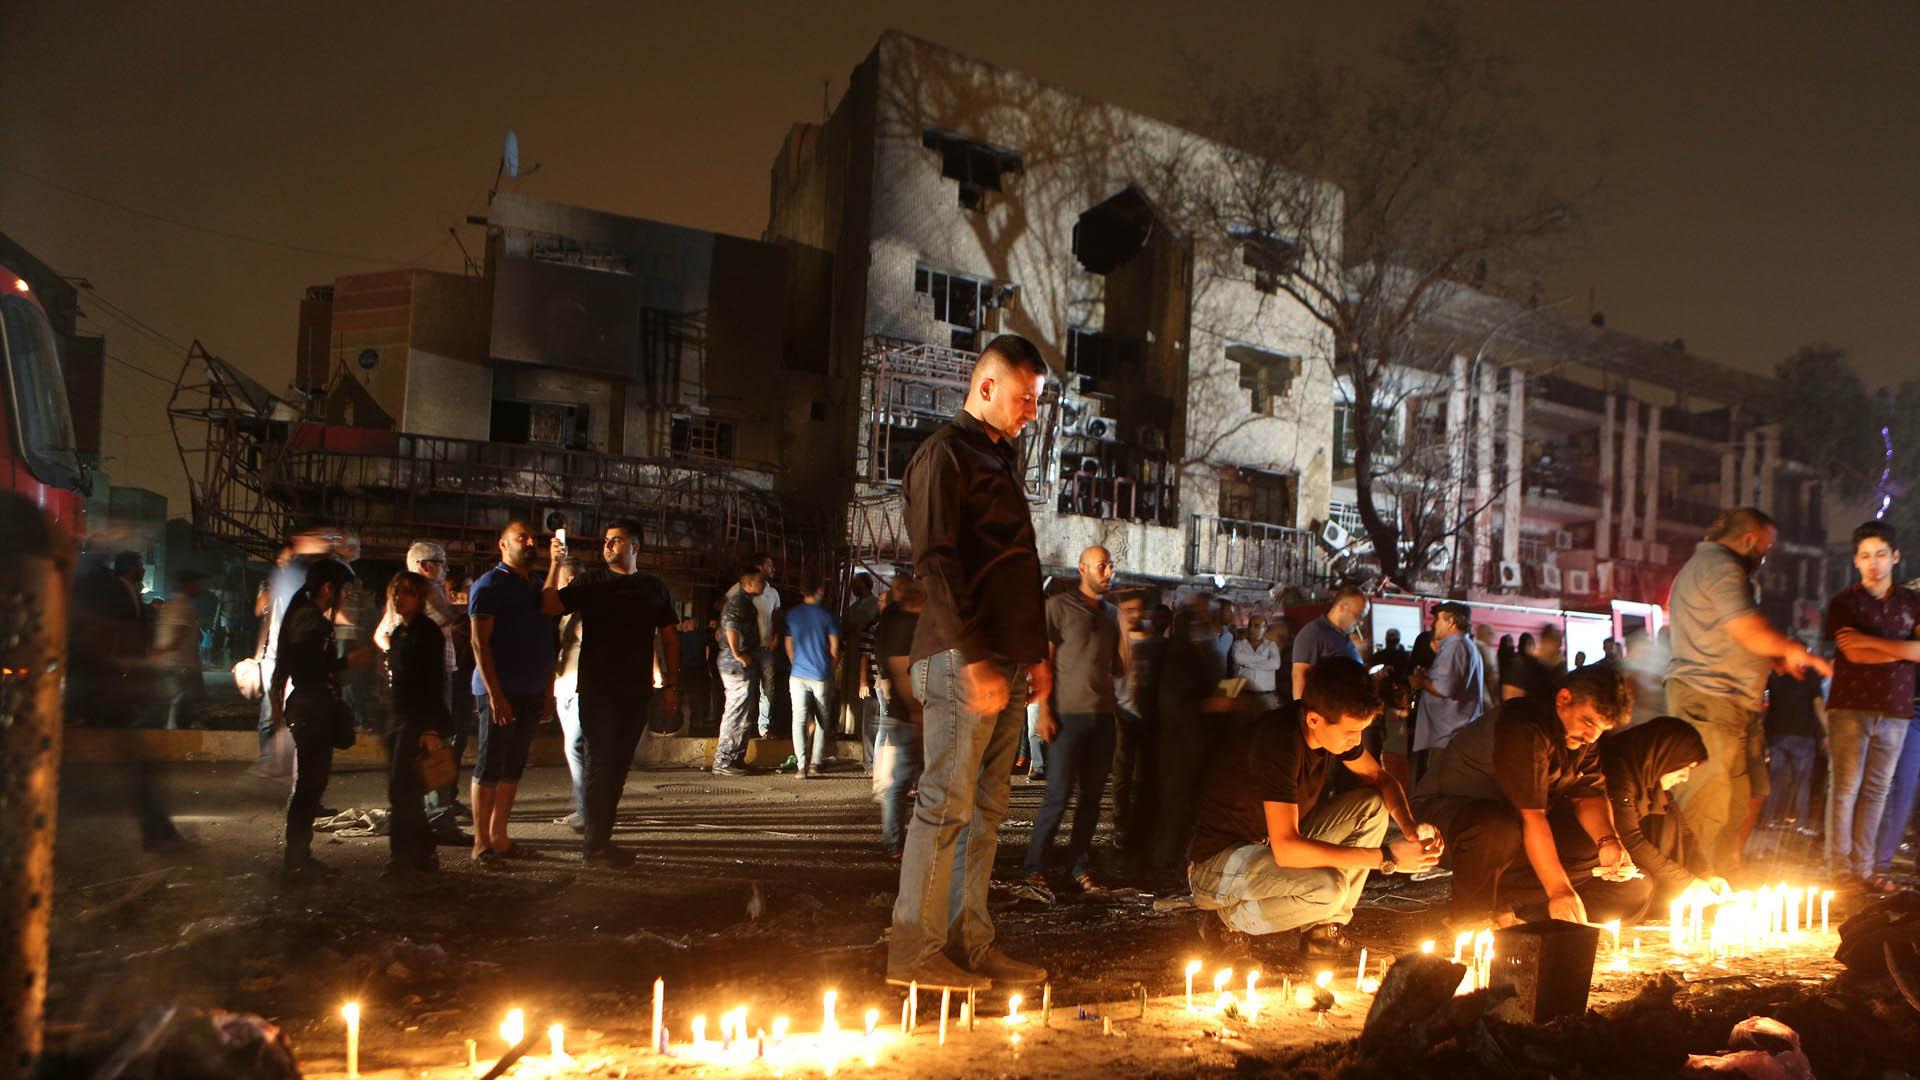 La noche del domingo un terrorista detonó un cinturón explosivo en una boda en Ain al Tamr, Irak